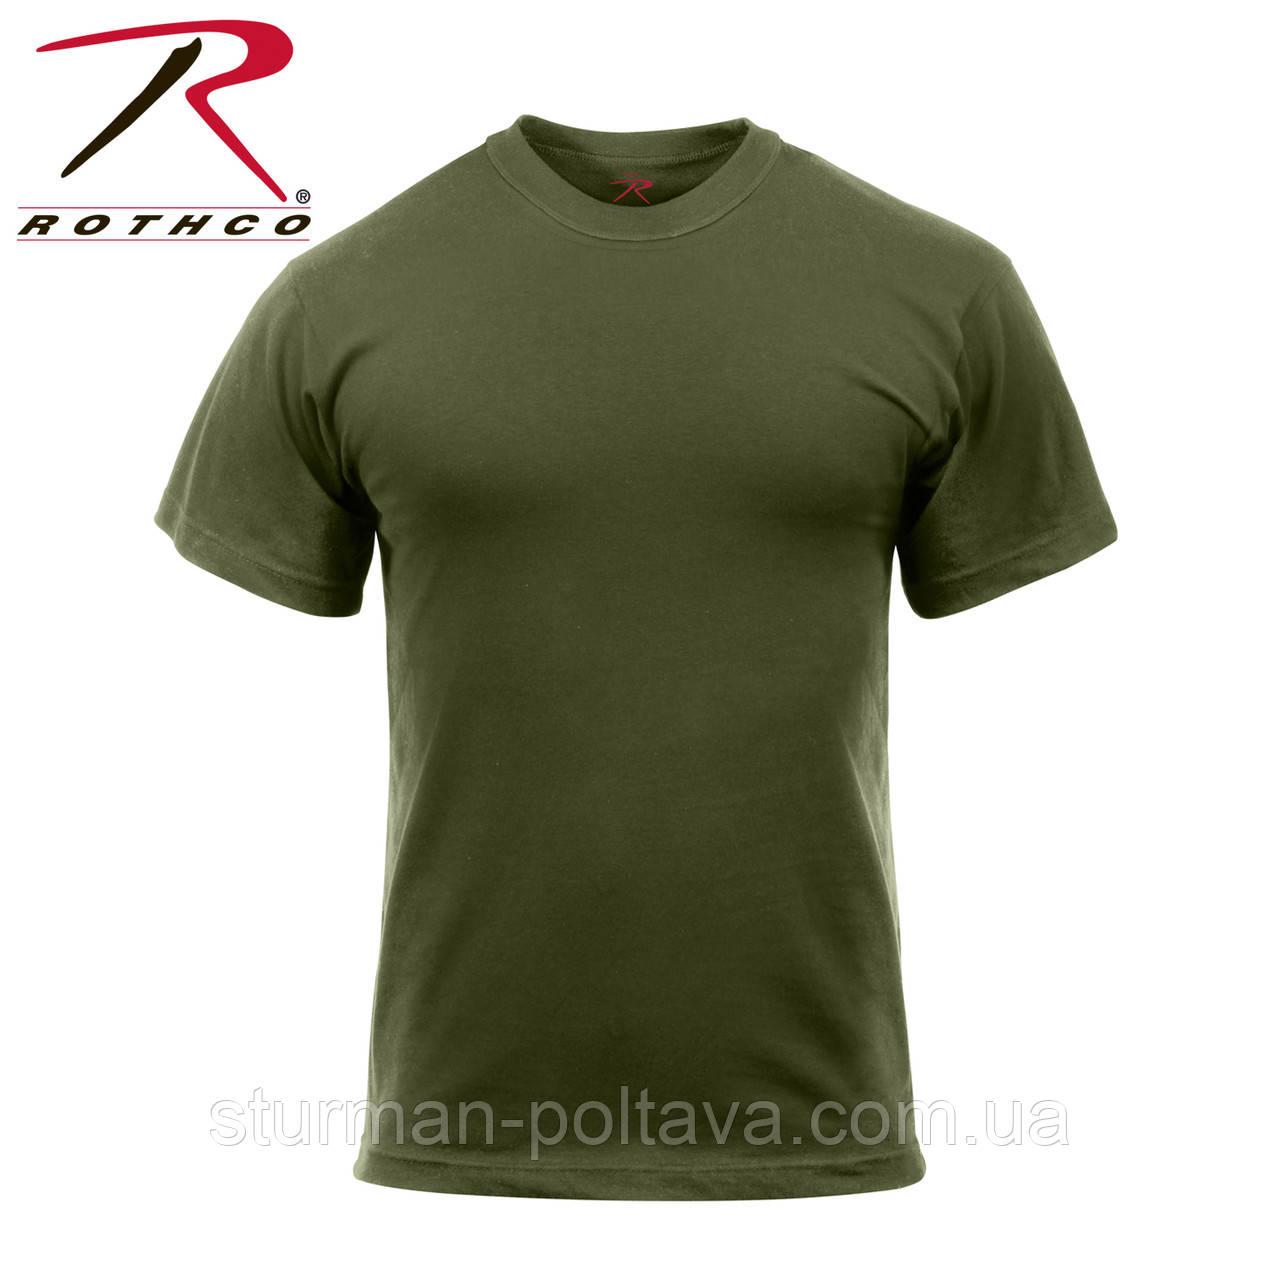 Футболка  мужская  армейская  Solid Color 100% Cotton T-Shirt  олива   Rothco USA